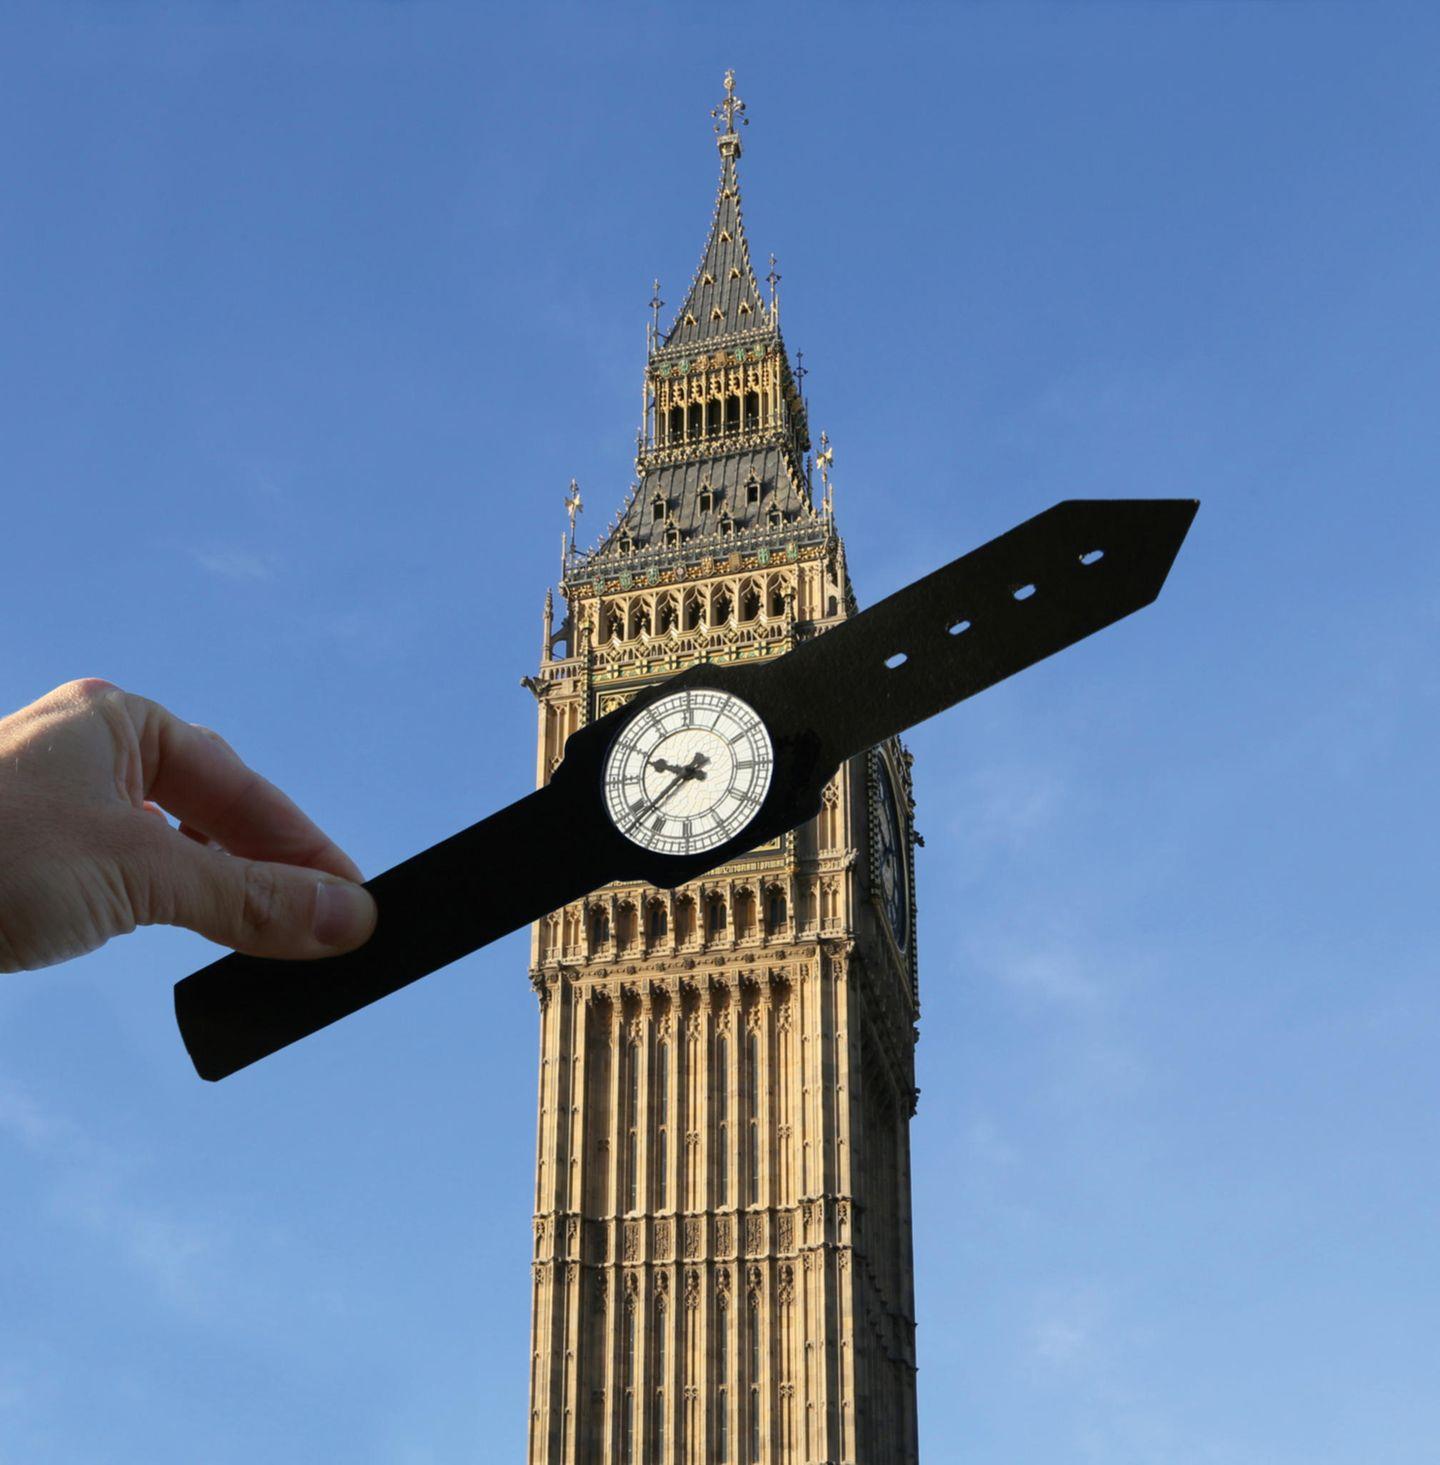 Der Fotograf hält ein Armband einer Uhr so vor den Big Ben, dass er aussieht wie eine Armbanduhr